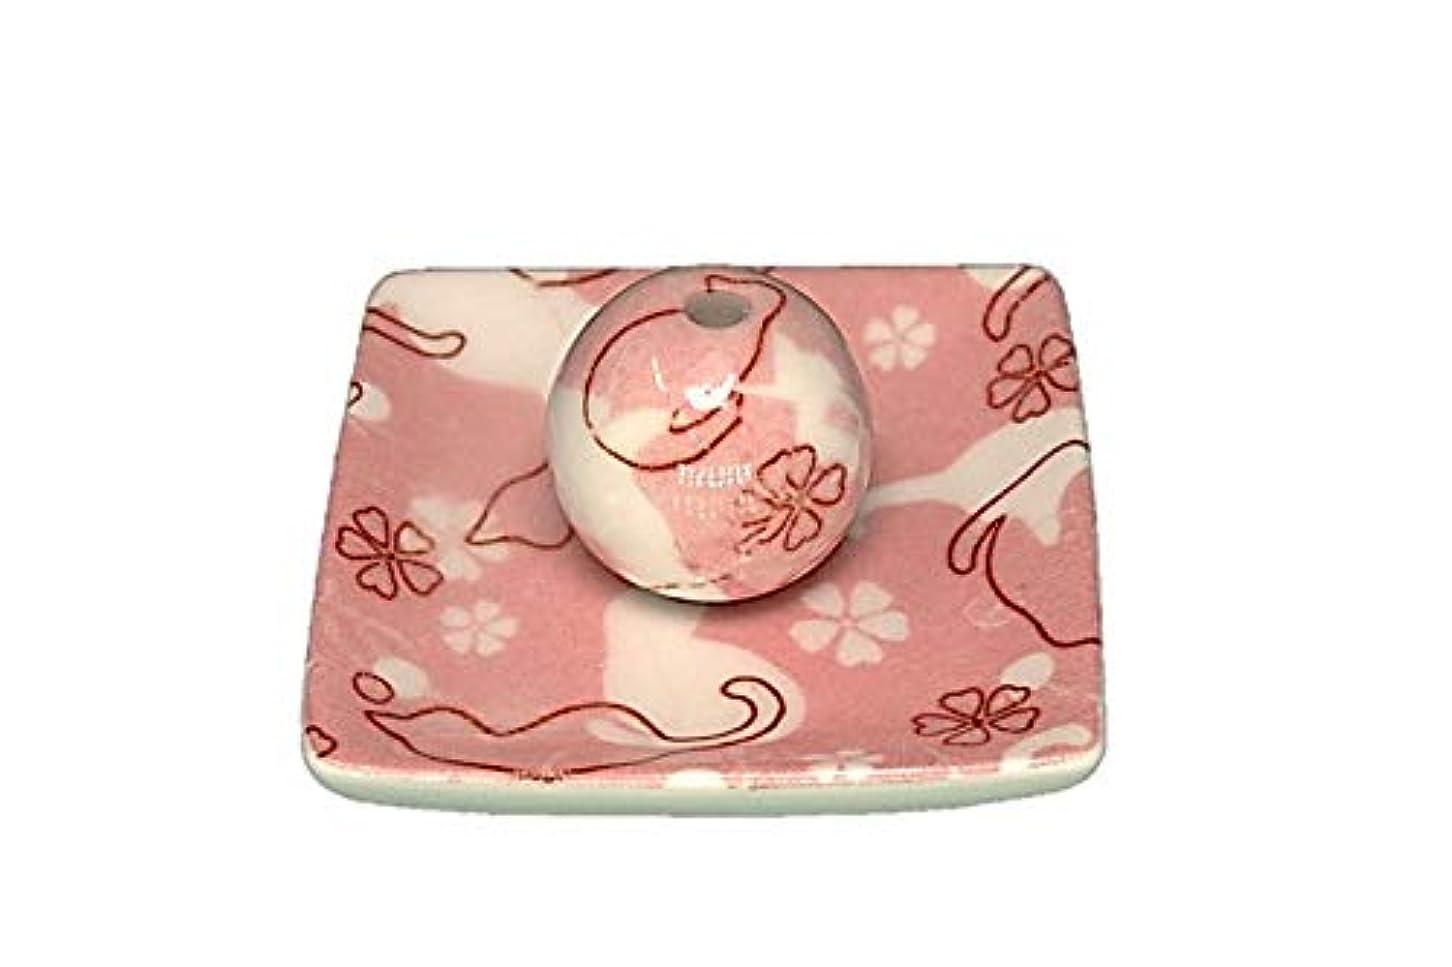 浪費セーブカウントネコ ランド ピンク 小角皿 お香立て 陶器 ねこ 製造 直売